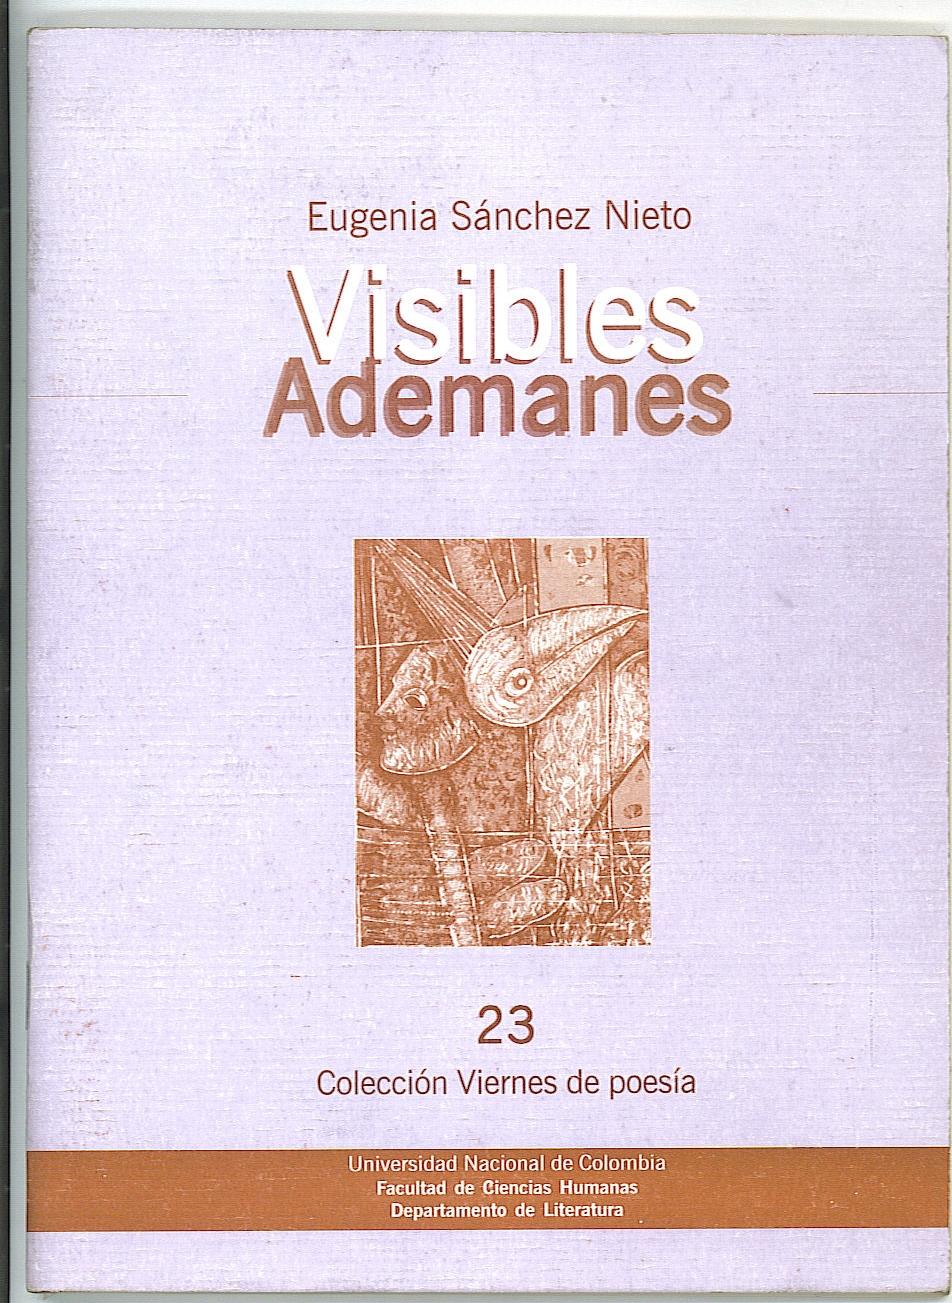 Poemas del Cuaderno Visibles Ademanes / Eugenia Sánchez Nieto